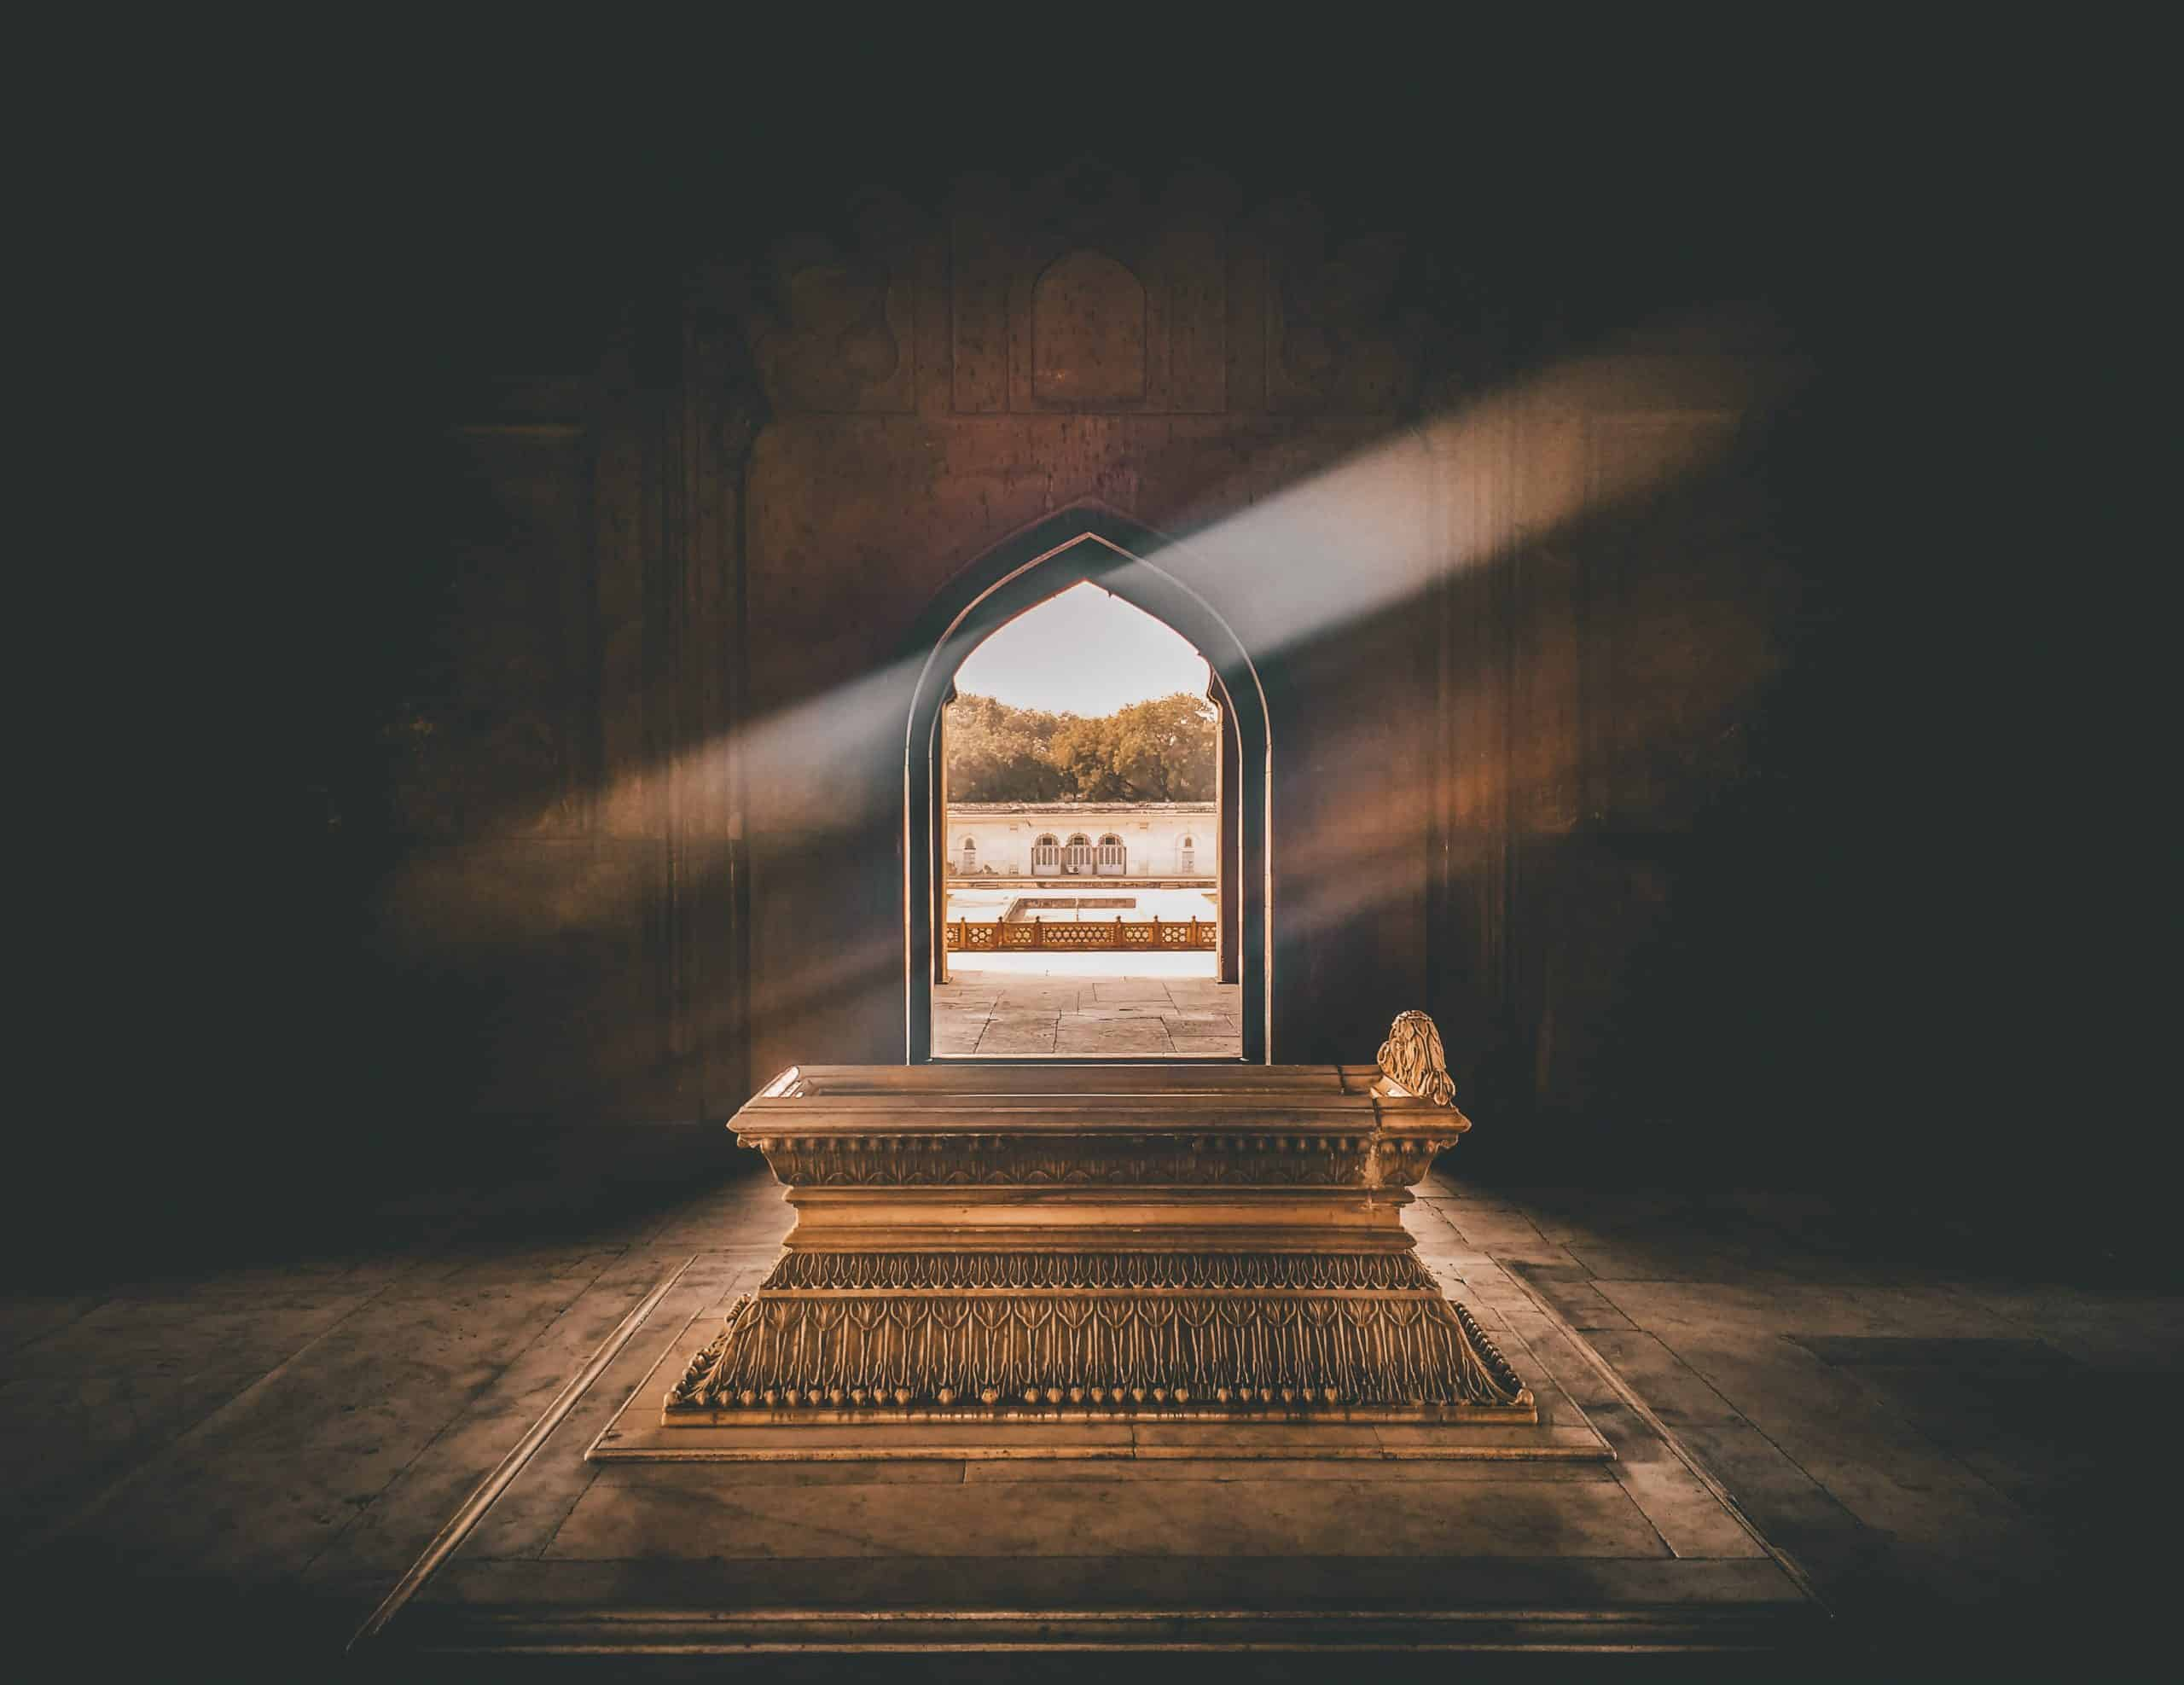 Fotografia de um túmulo